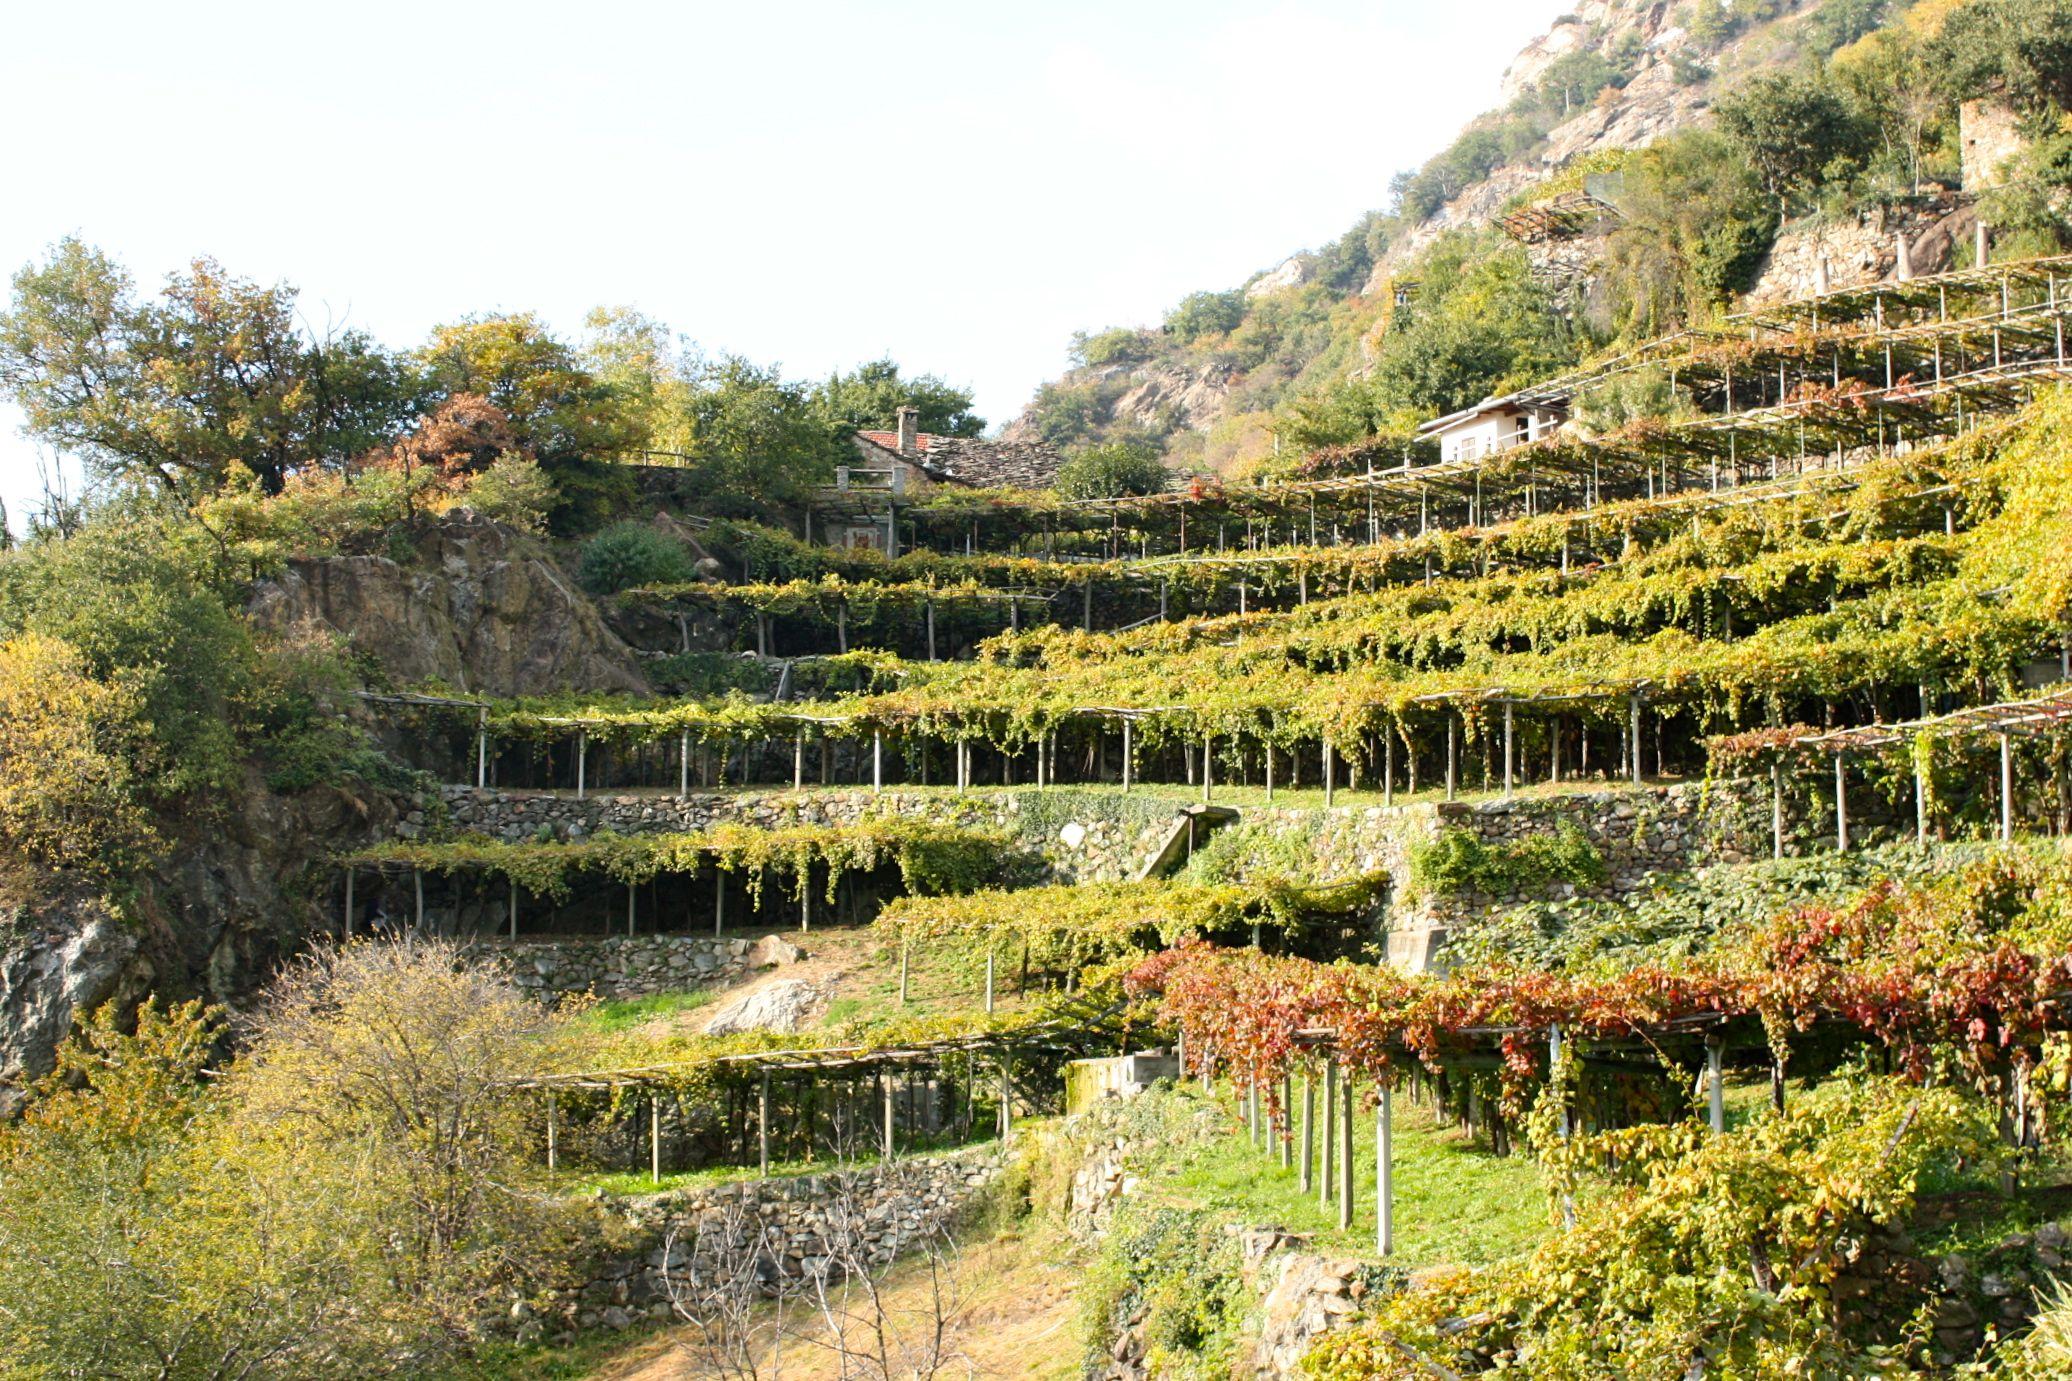 Un vecchio giardino di collina da ripensare - Pagina 21